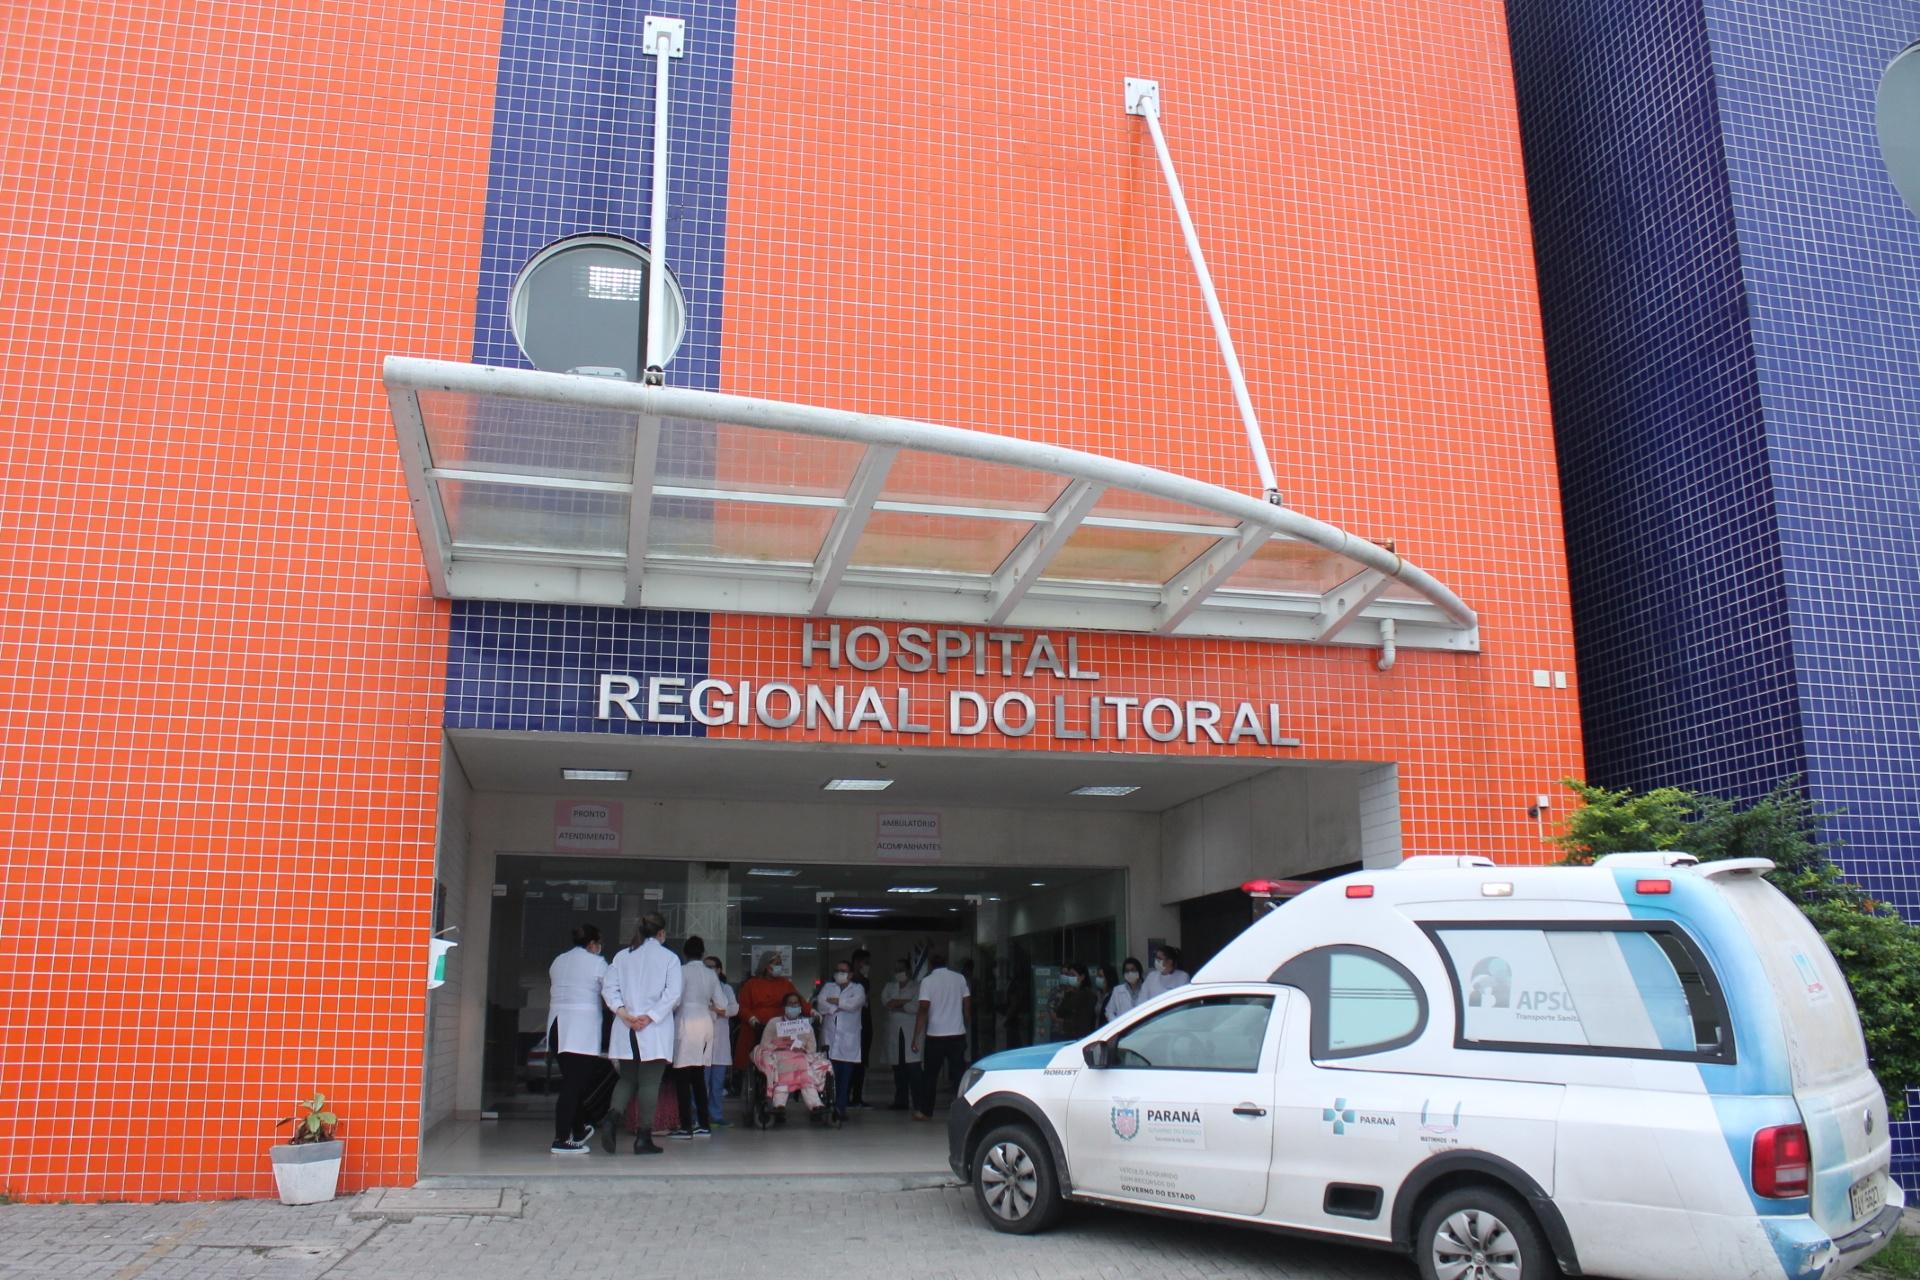 Hospital Regional divulga quatro mortes decorrentes da Covid-19 no litoral